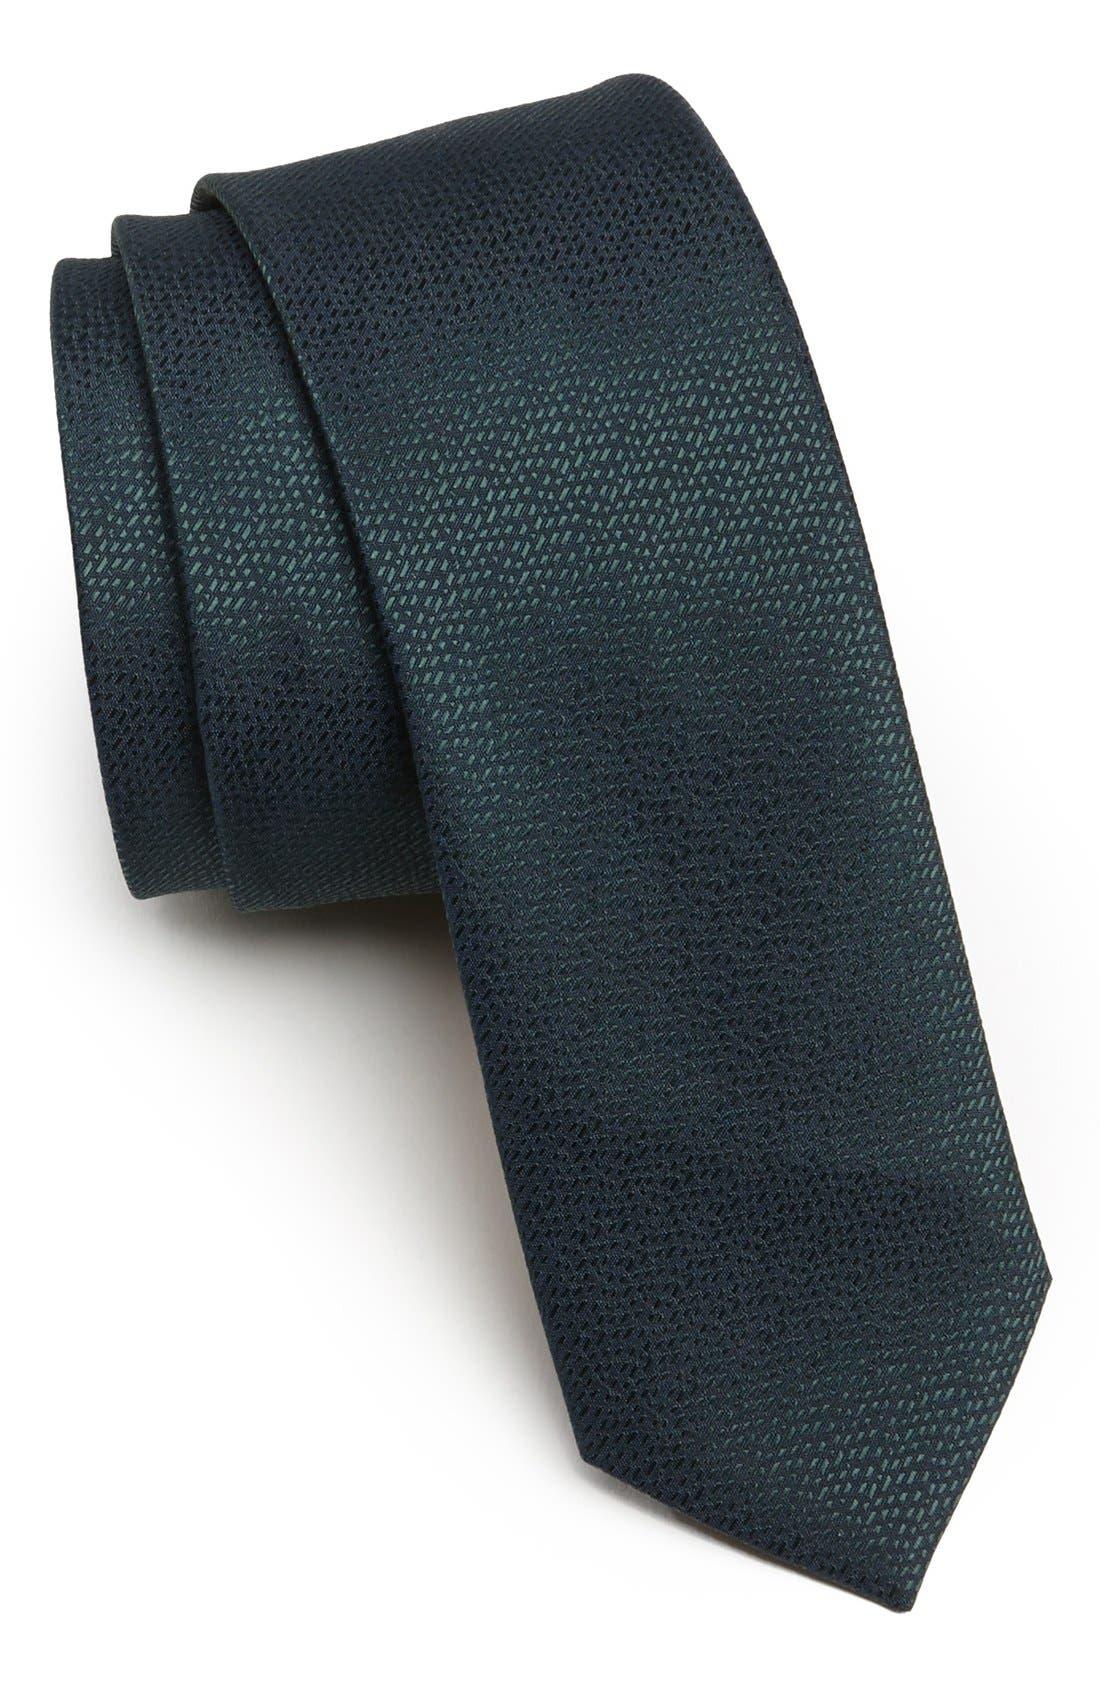 Main Image - Topman Textured Woven Tie